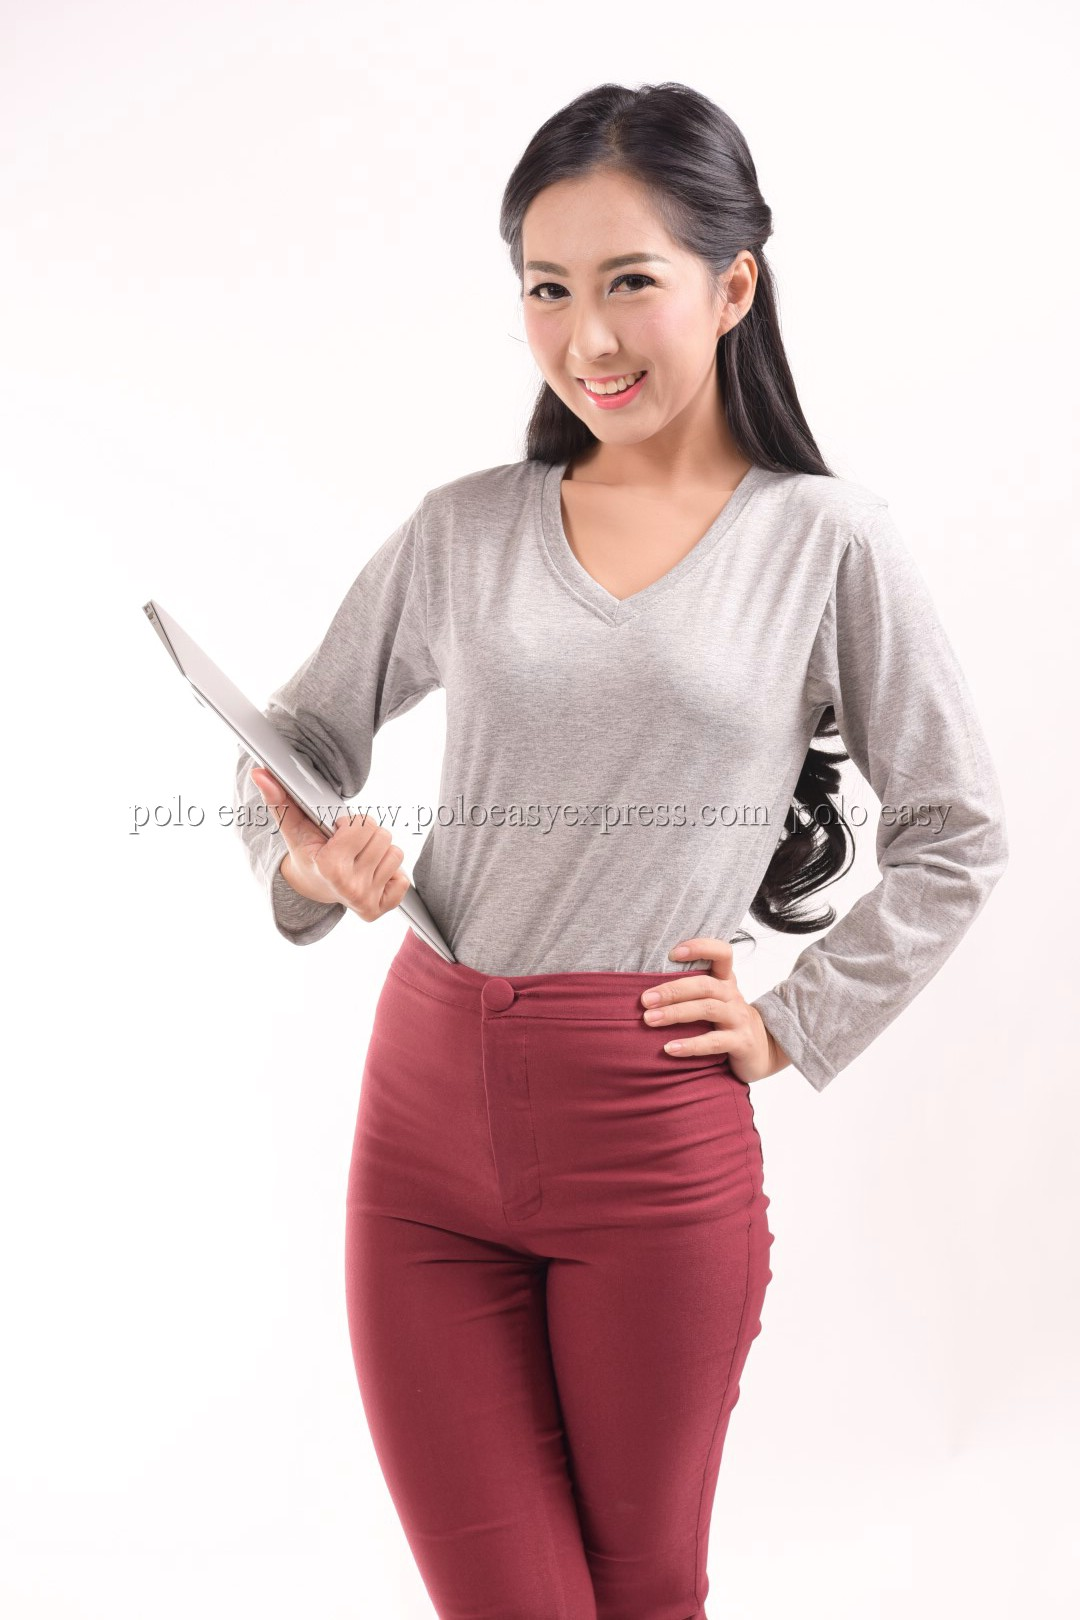 เสื้อยืด สีเทาท็อปดาย คอวี แขนยาว Size L